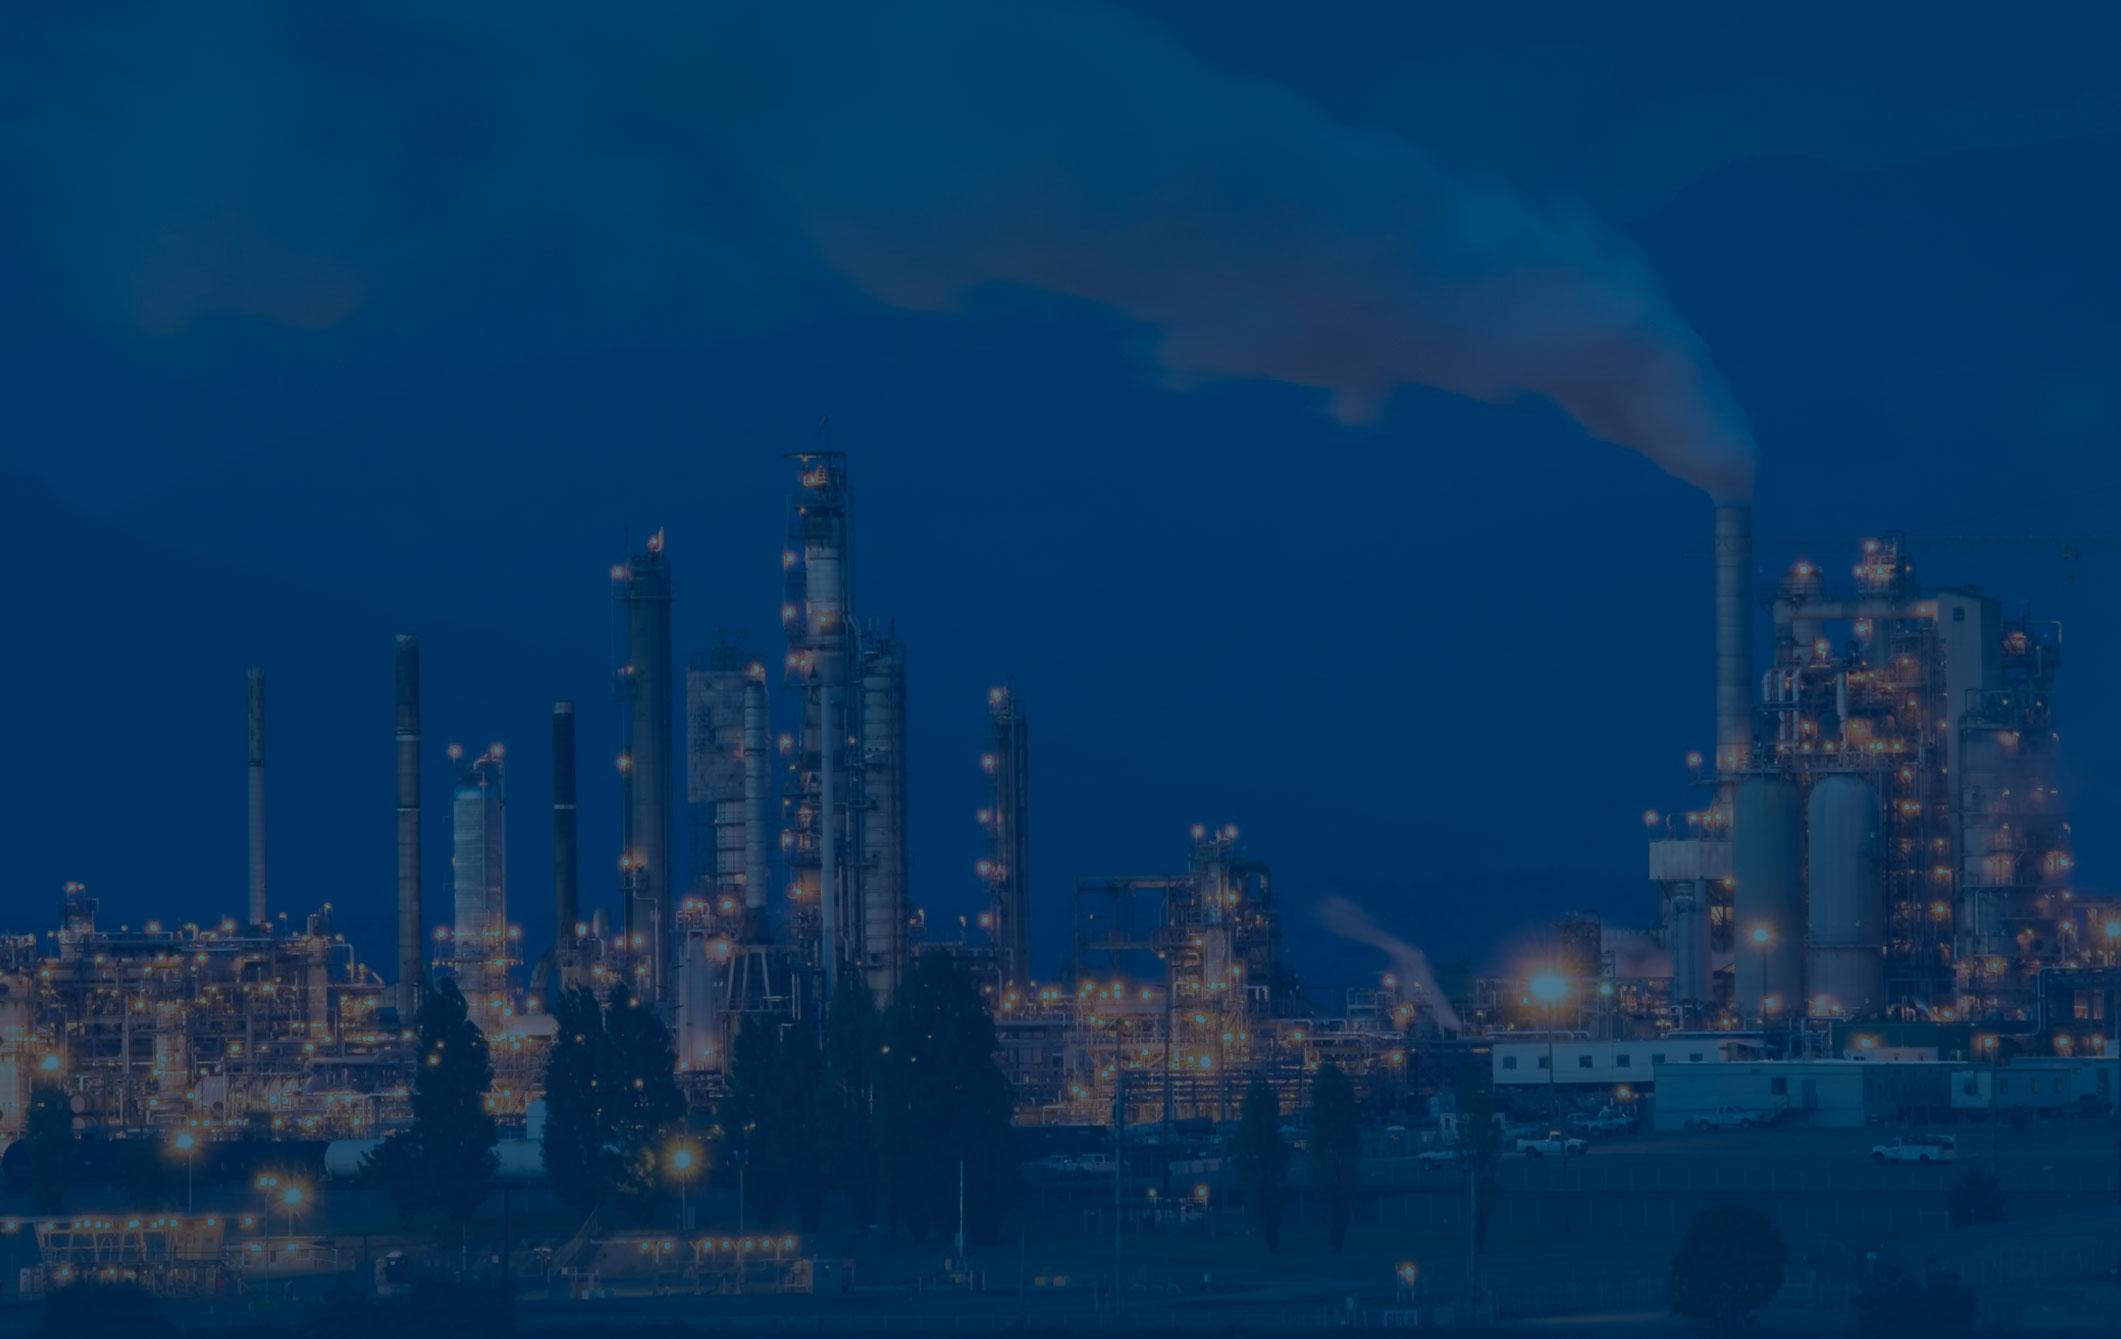 Б1. Требования промышленной безопасности в химической, нефтехимической и нефтеперерабатывающей промышленности